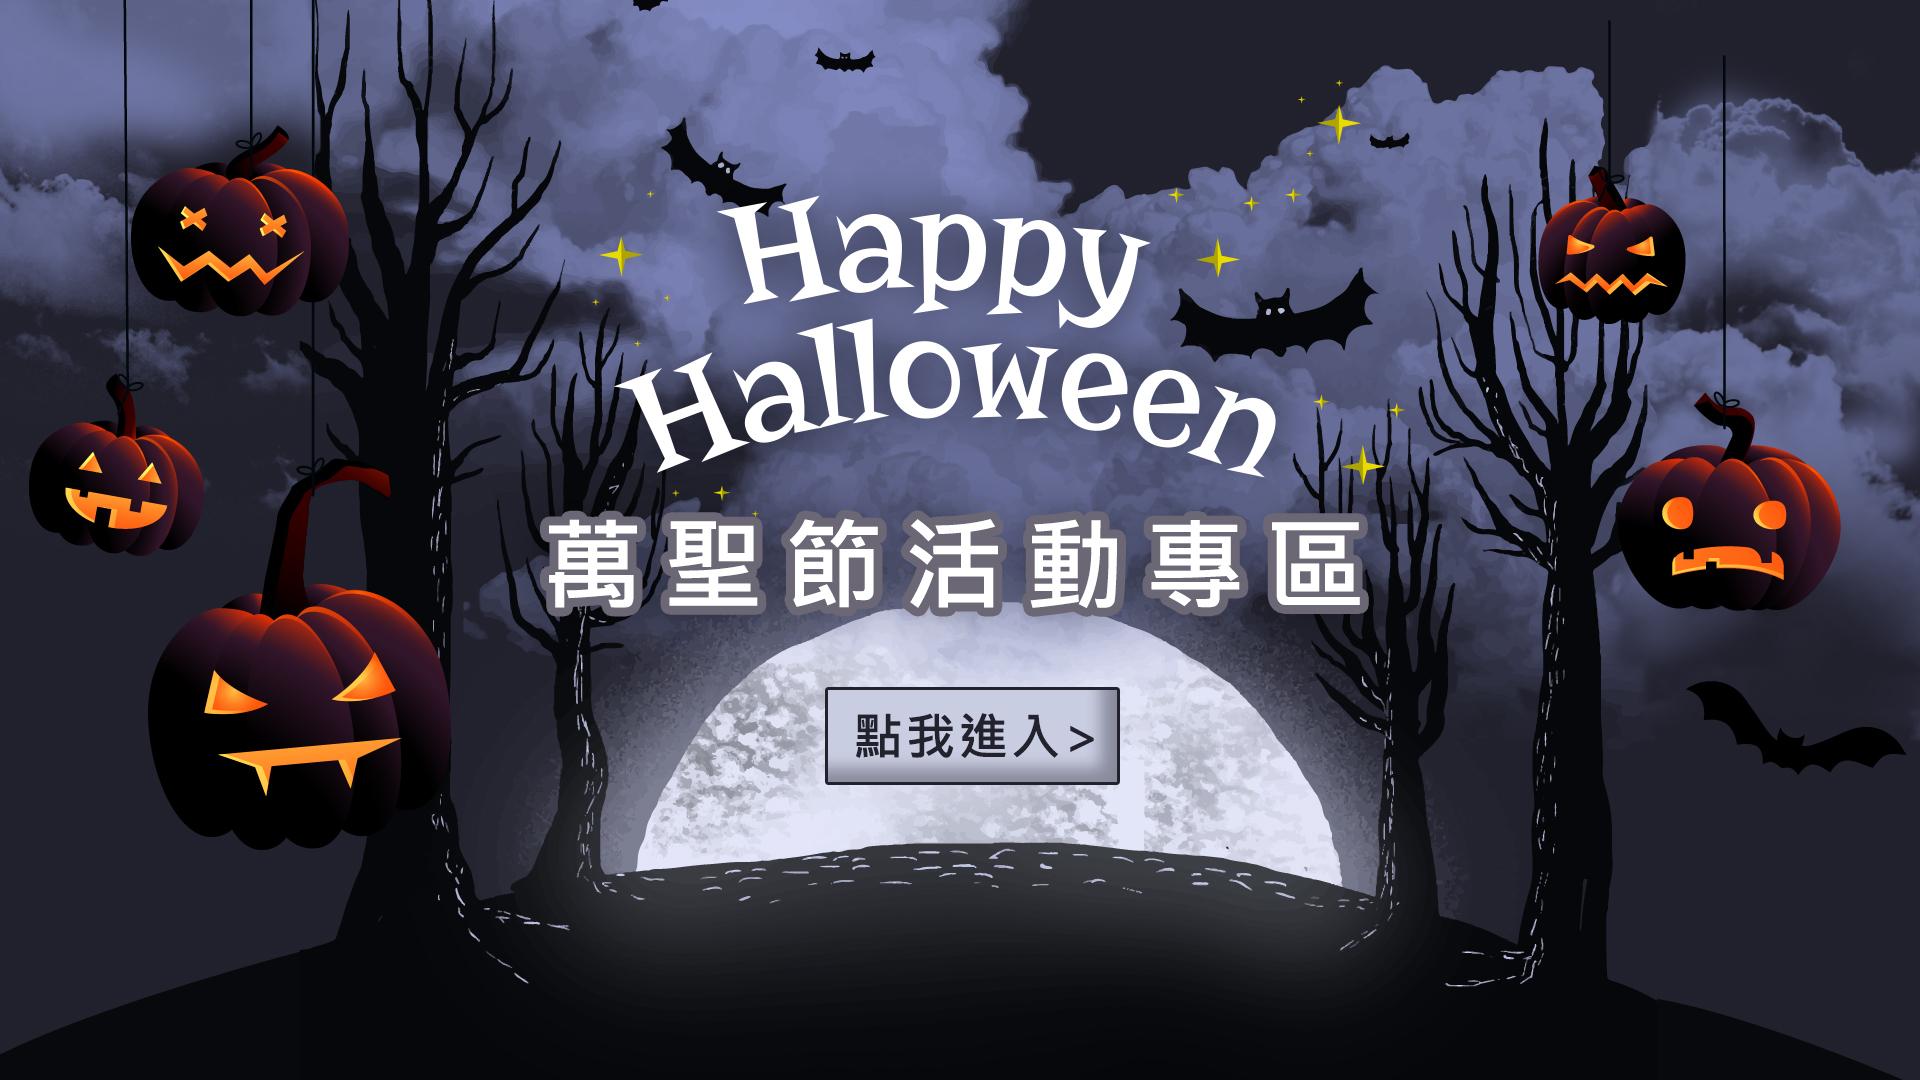 萬聖節,Happy Halloween,好友分享,萬聖節裝扮,萬聖節穿搭,萬聖節變裝,變裝舞會,Halloween穿搭,Halloweenootd